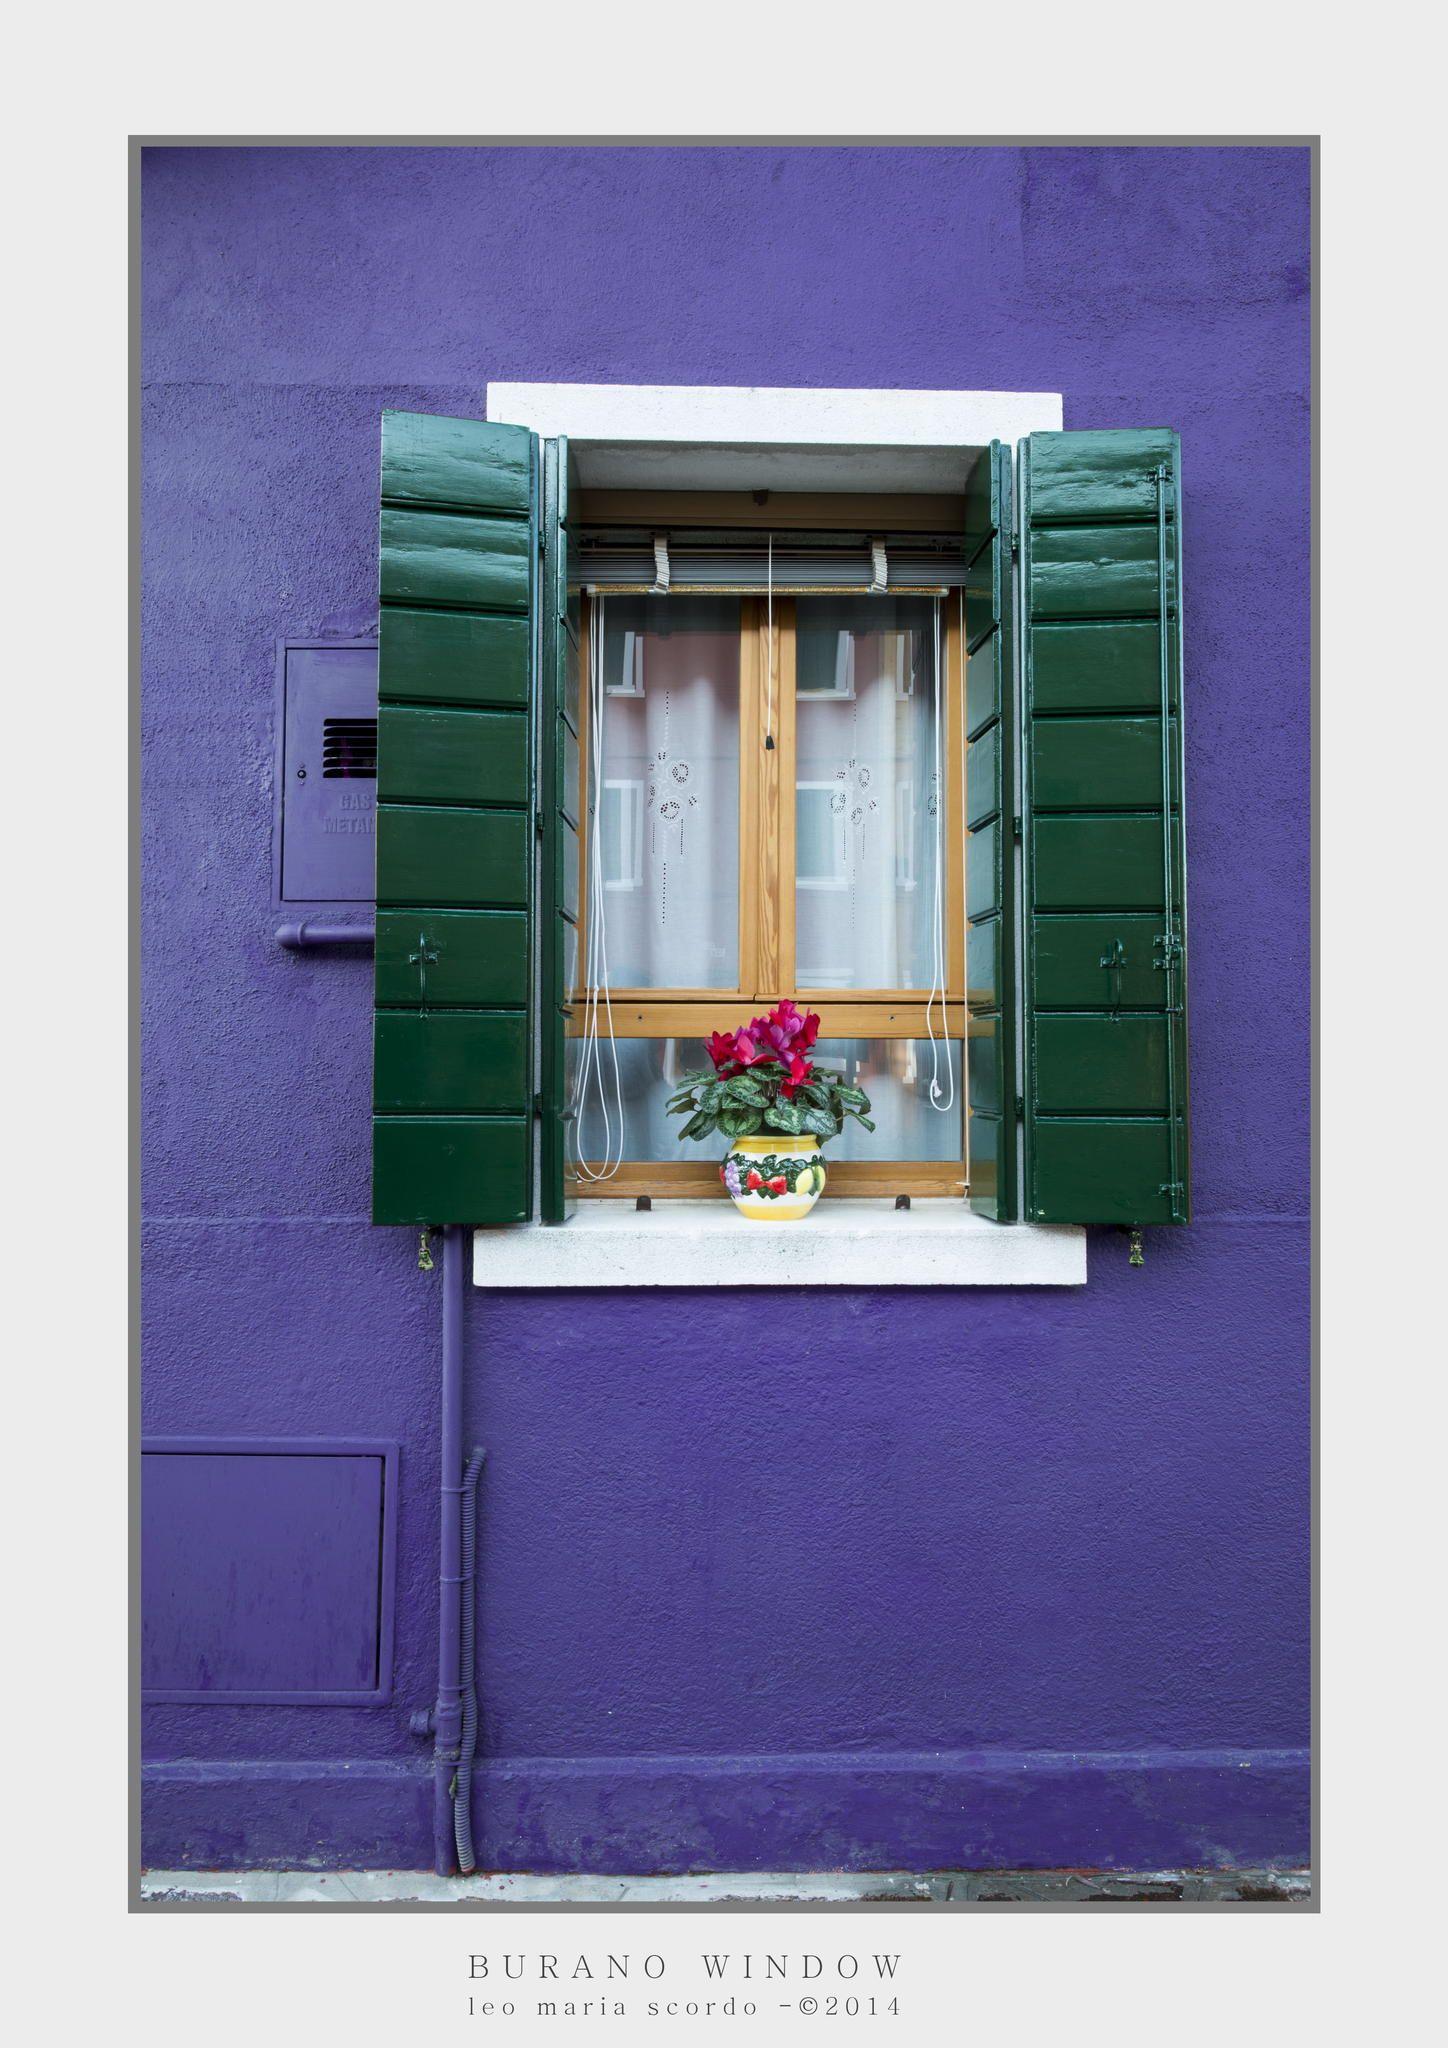 BURANO WINDOW by Leo Maria Scordo